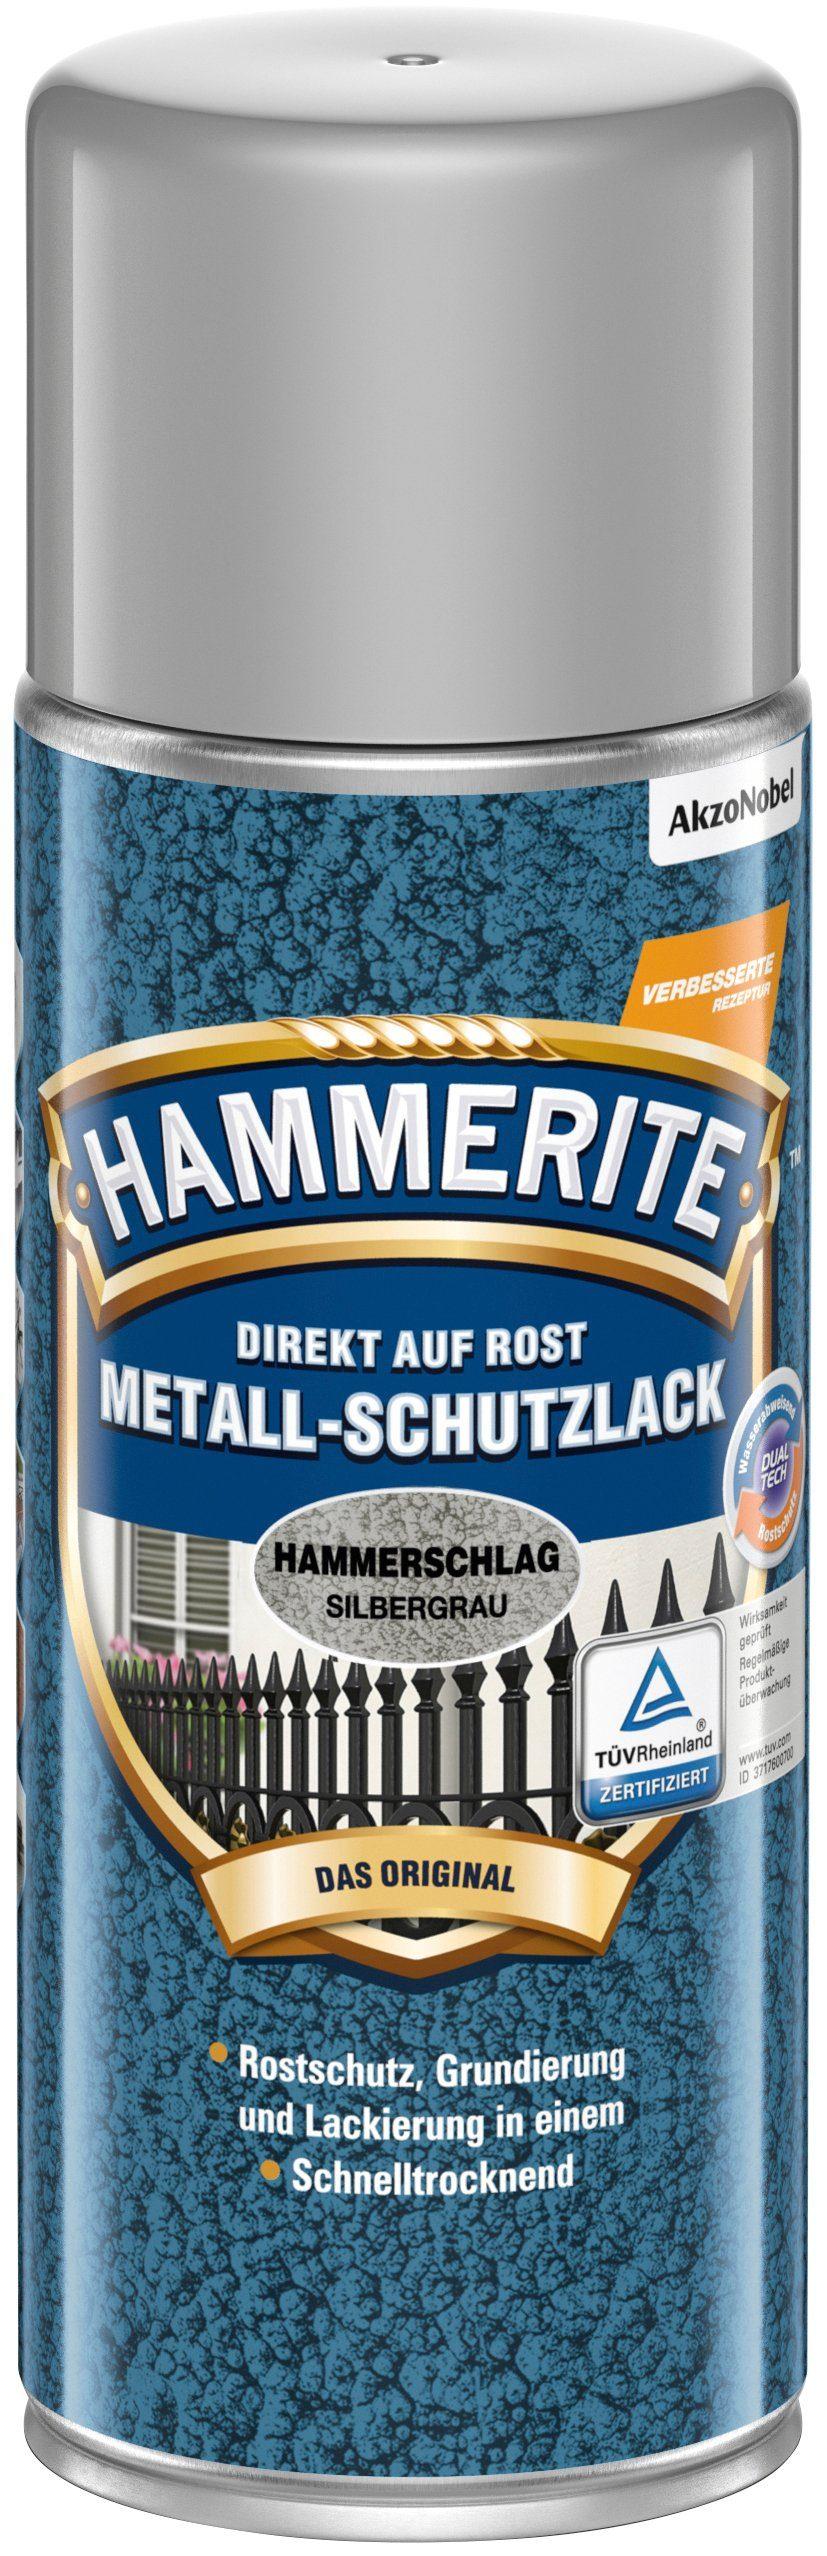 HAMMERITE Metallschutzlack »Hammerschlag Sprühdose«, silbergrau, 400 ml